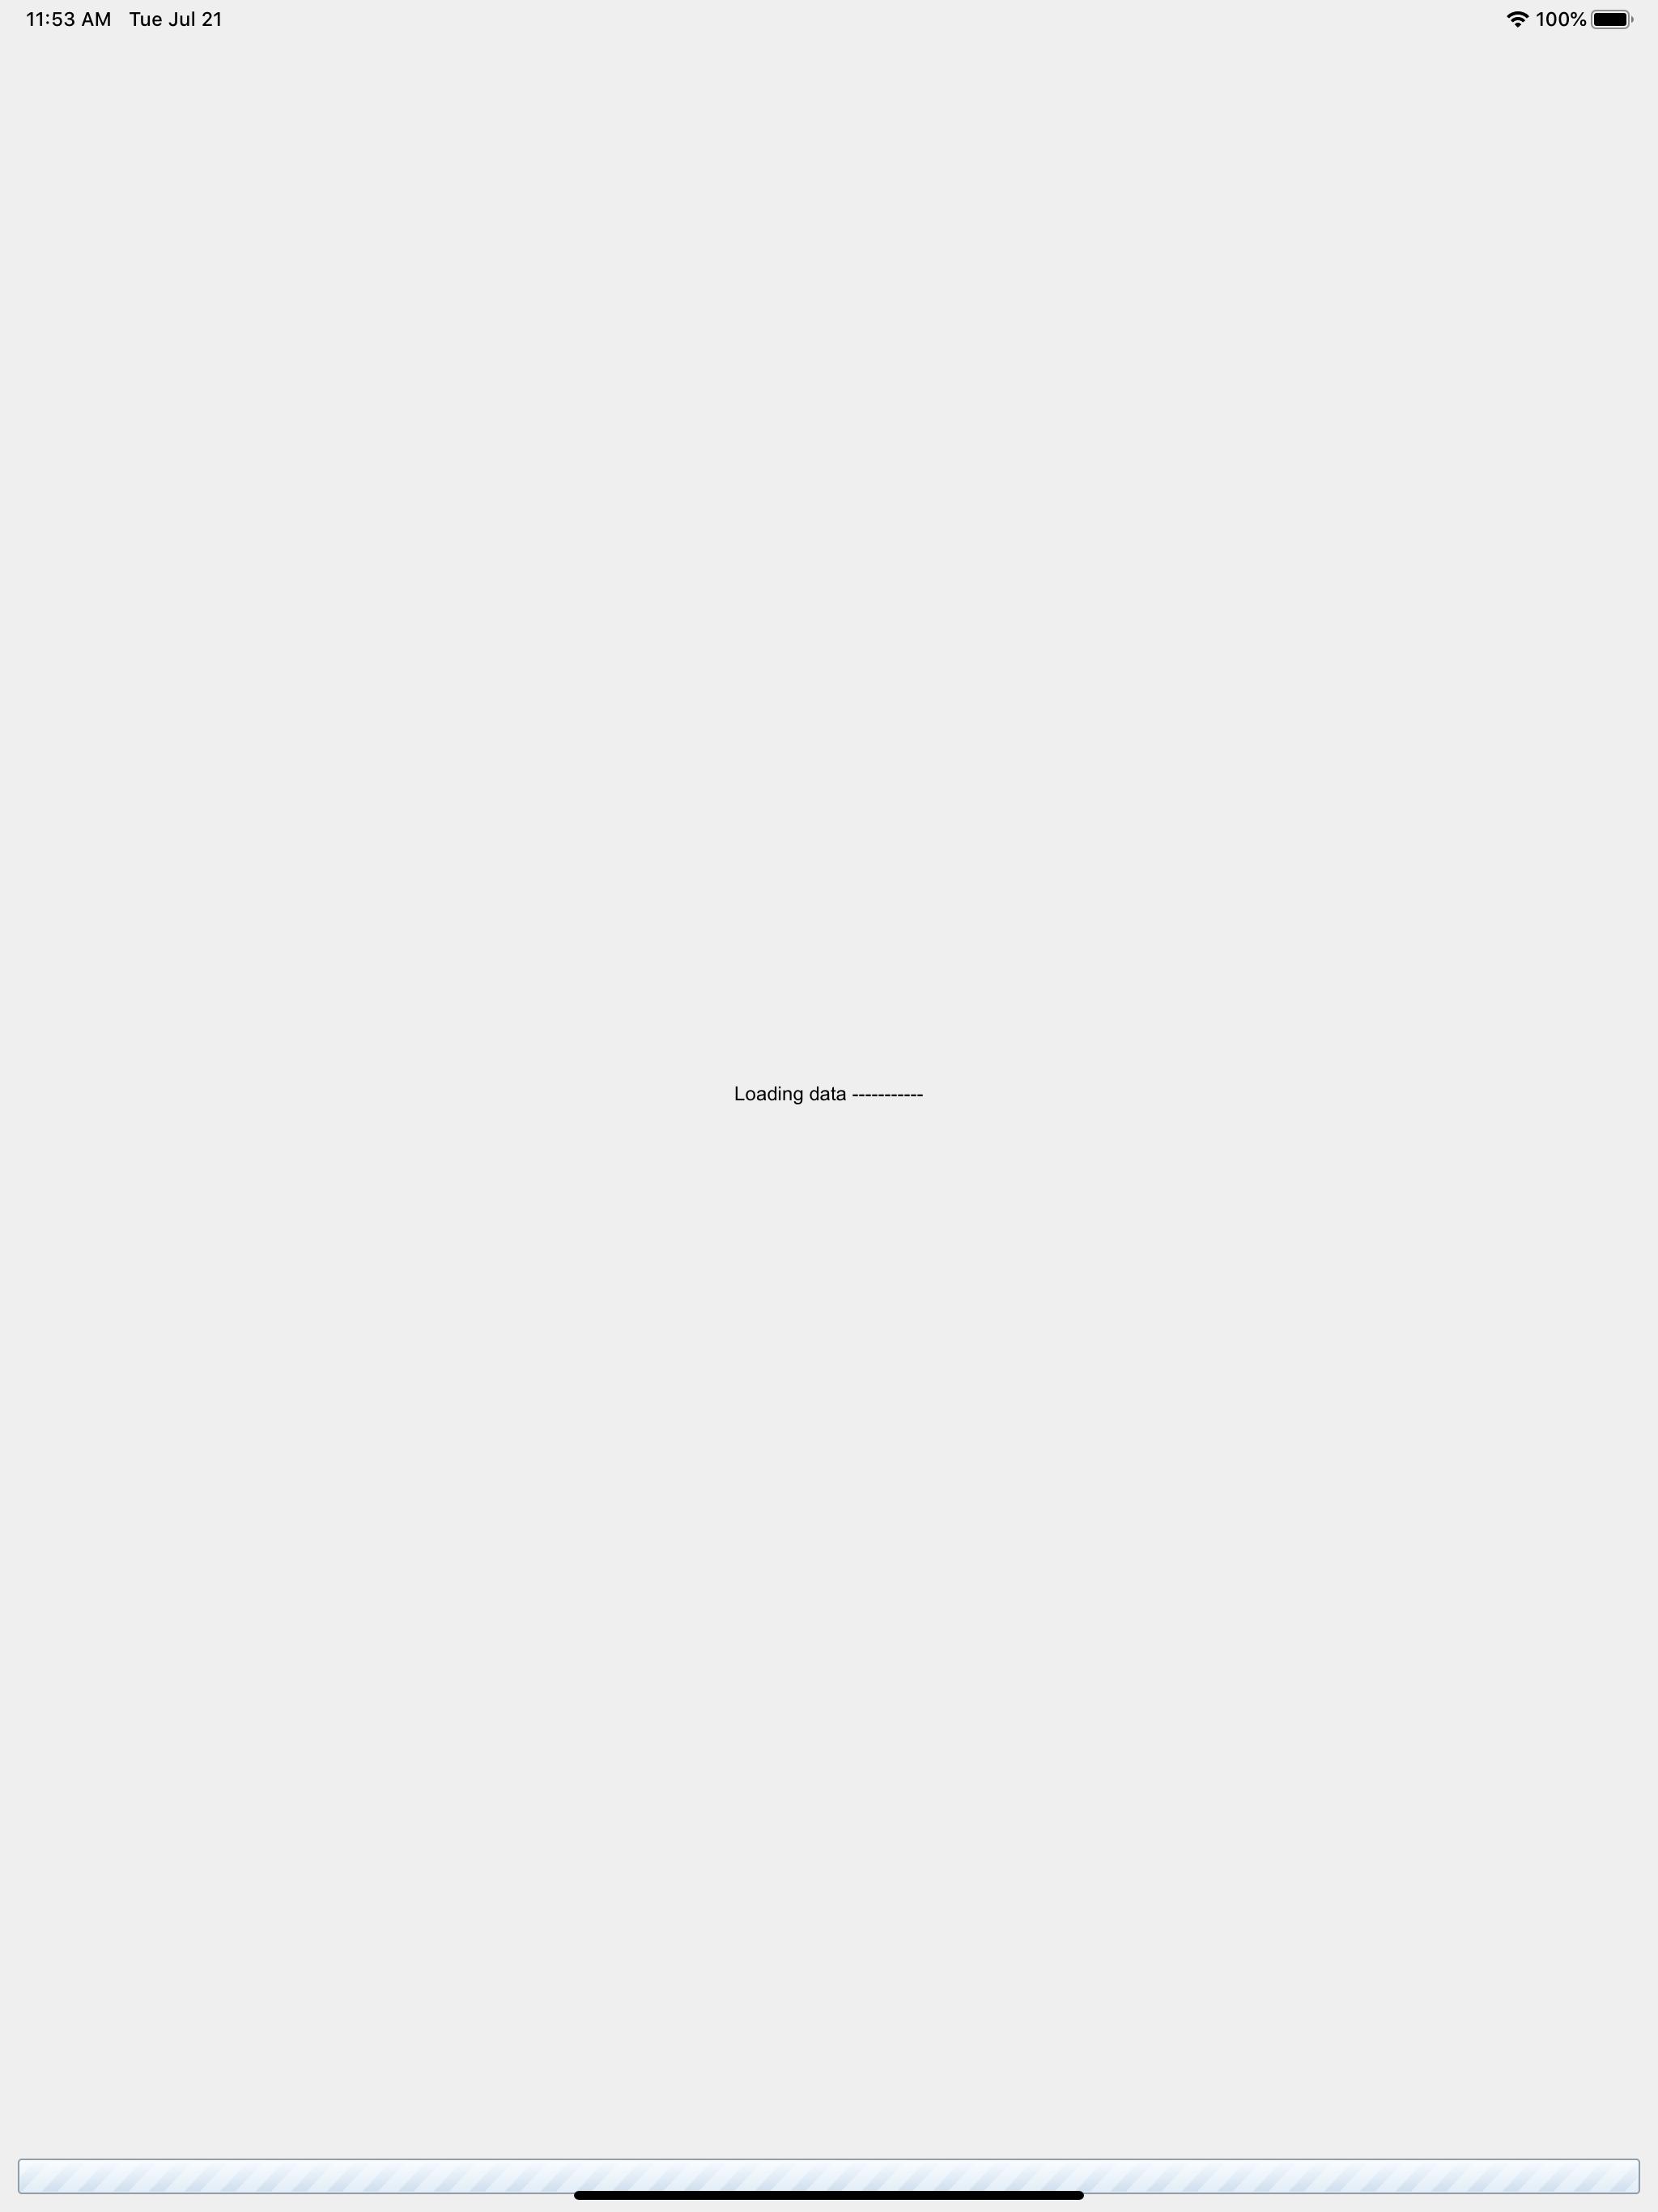 Simulator Screen Shot - iPad Pro (12.9-inch) (4th generation) - 2020-07-21 at 11.53.45.png